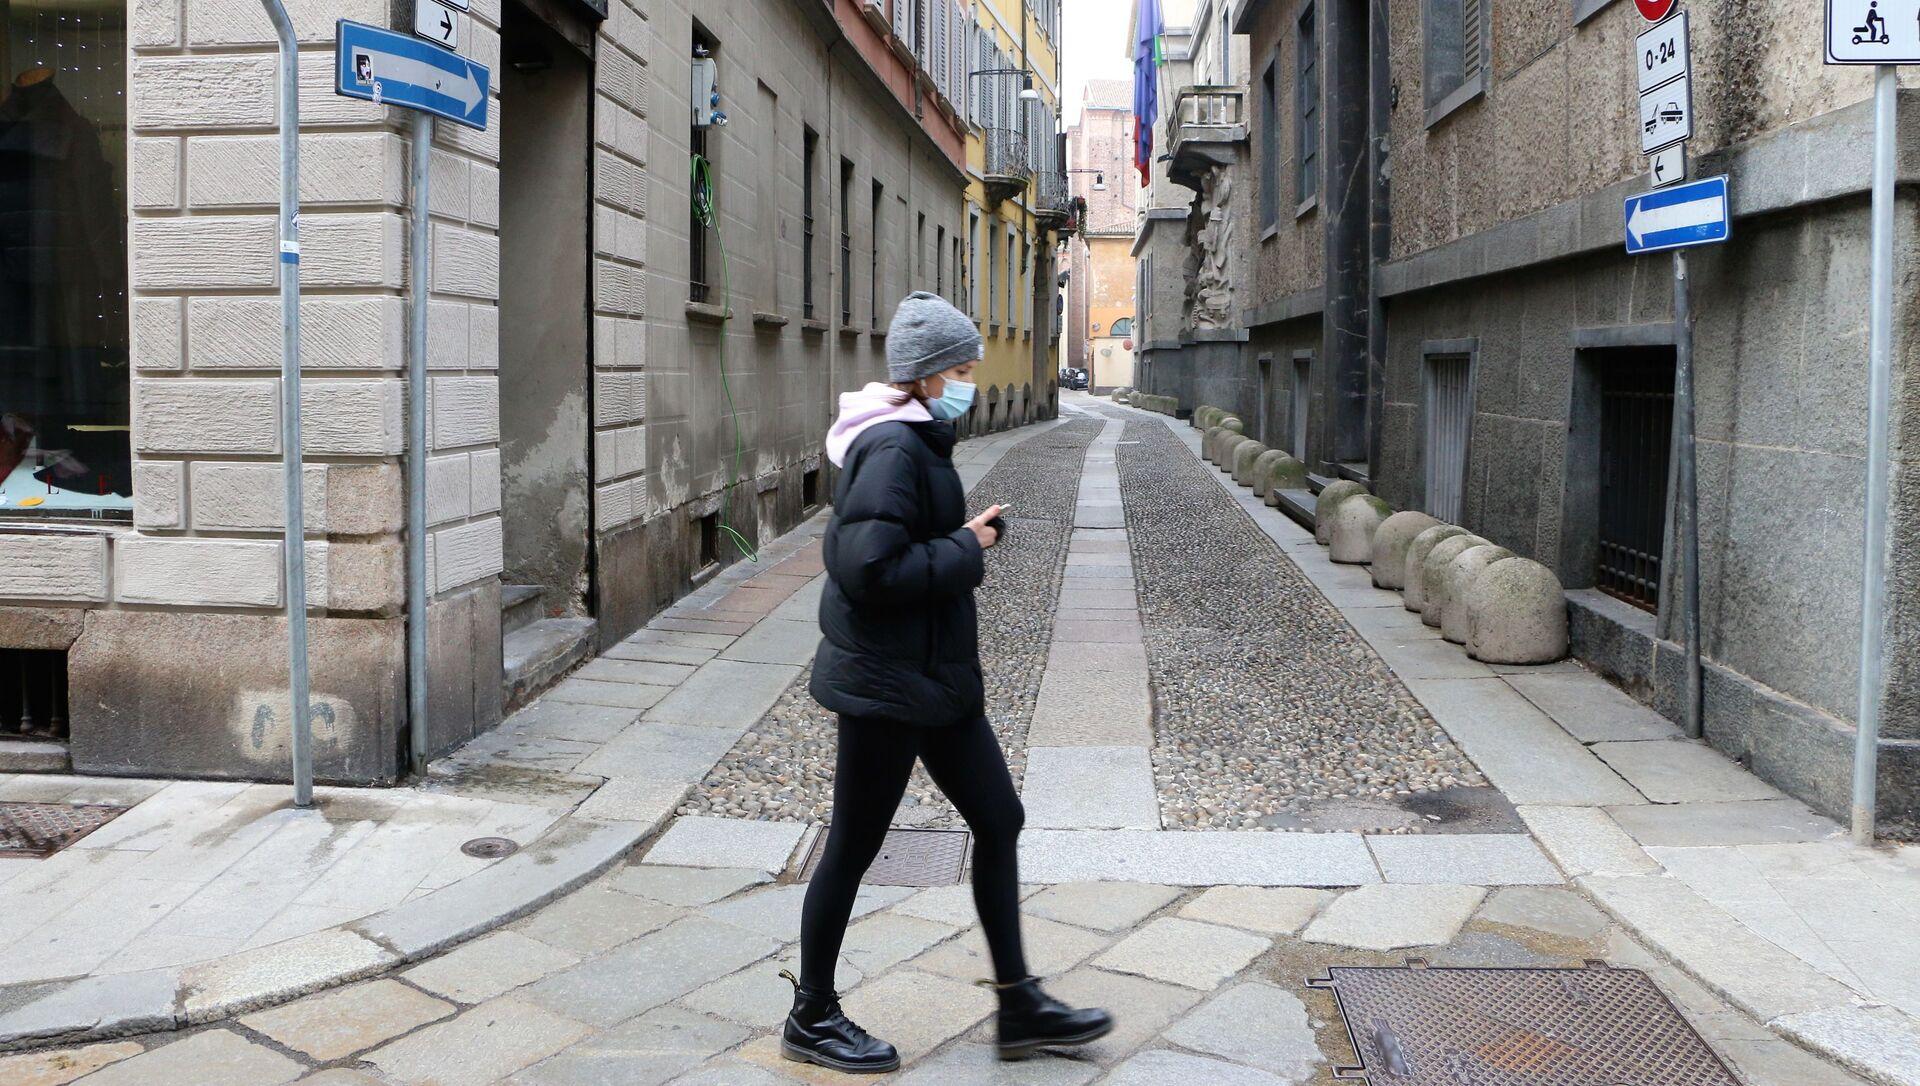 Una donna in una strada di Milano, Italia - Sputnik Italia, 1920, 23.02.2021